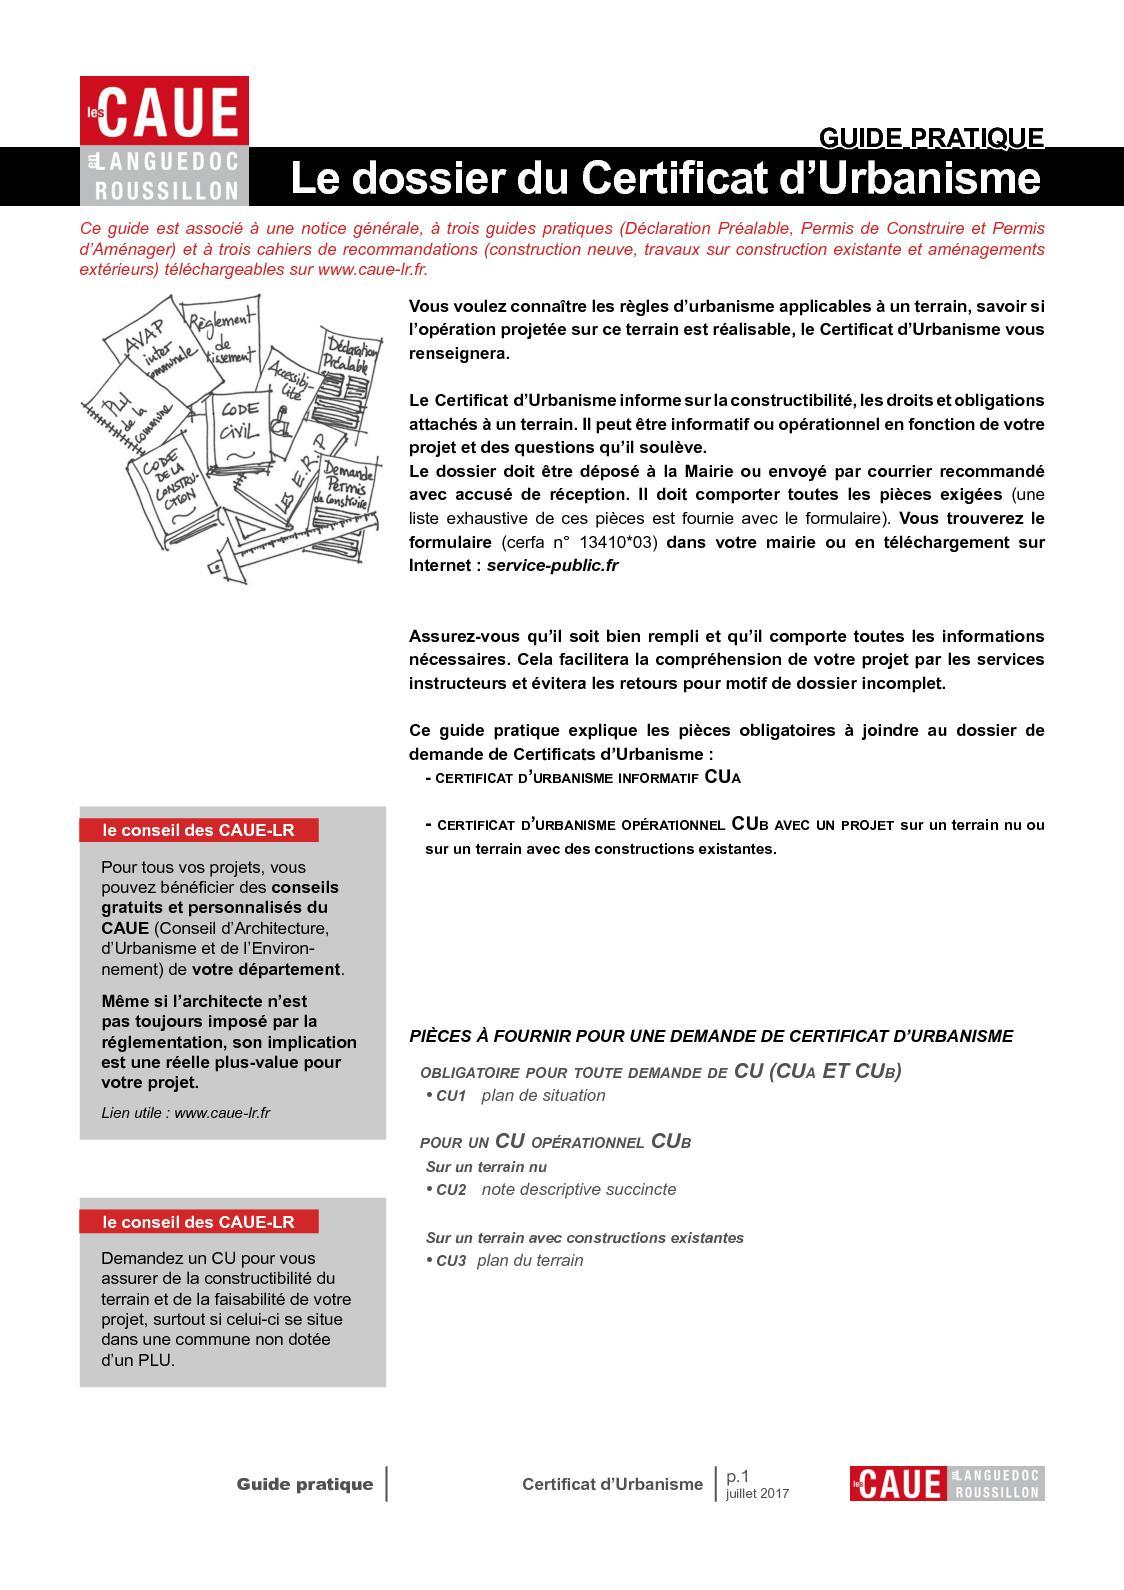 Calameo Guide Pratique Le Dossier Du Certificat D Urbanisme